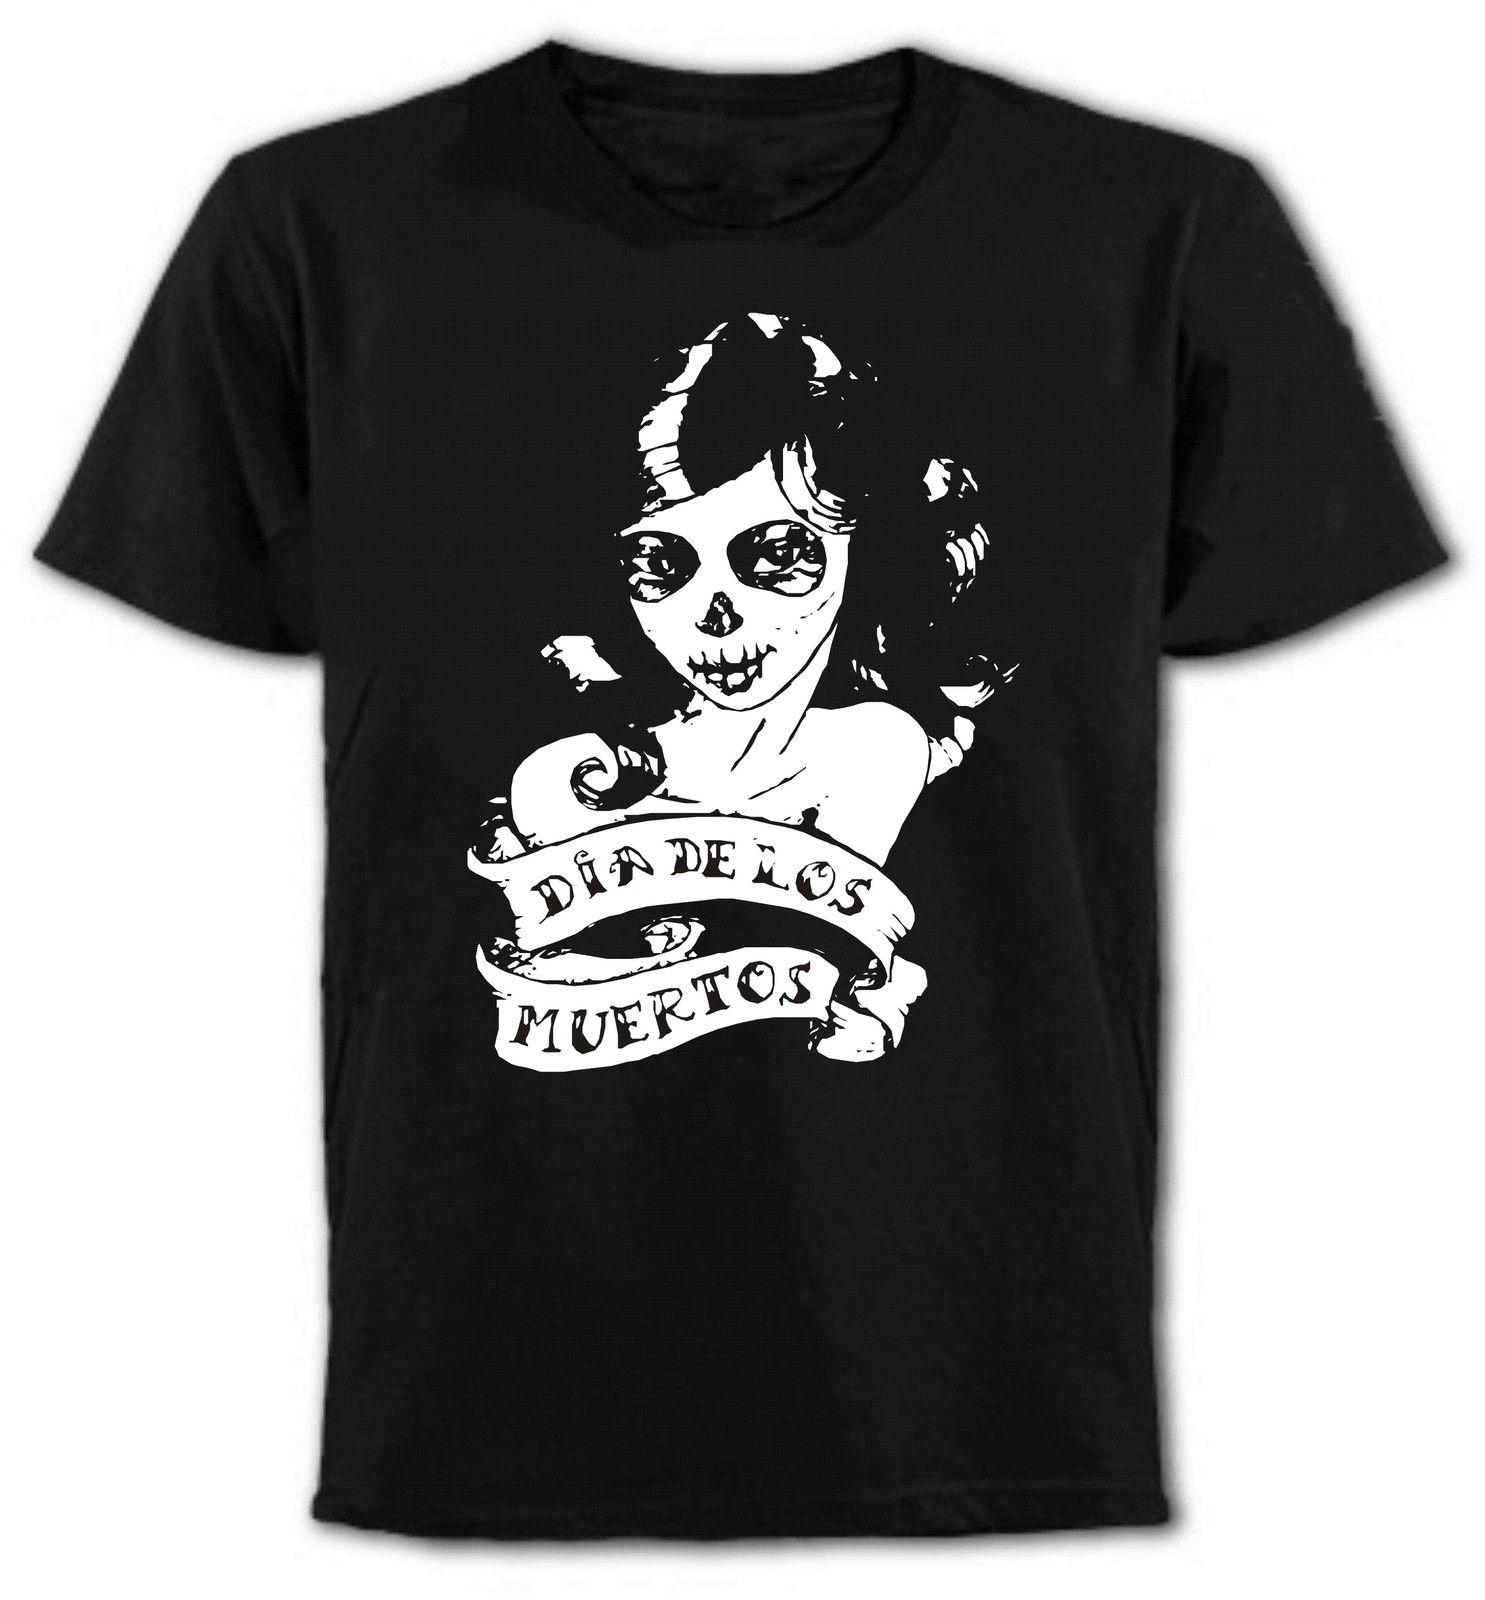 2018 Hot Sale Tag des T-Shirt - Damen Torso, Gotik, Rocker, Tatowierung, verschiedene Farben Tee shirt